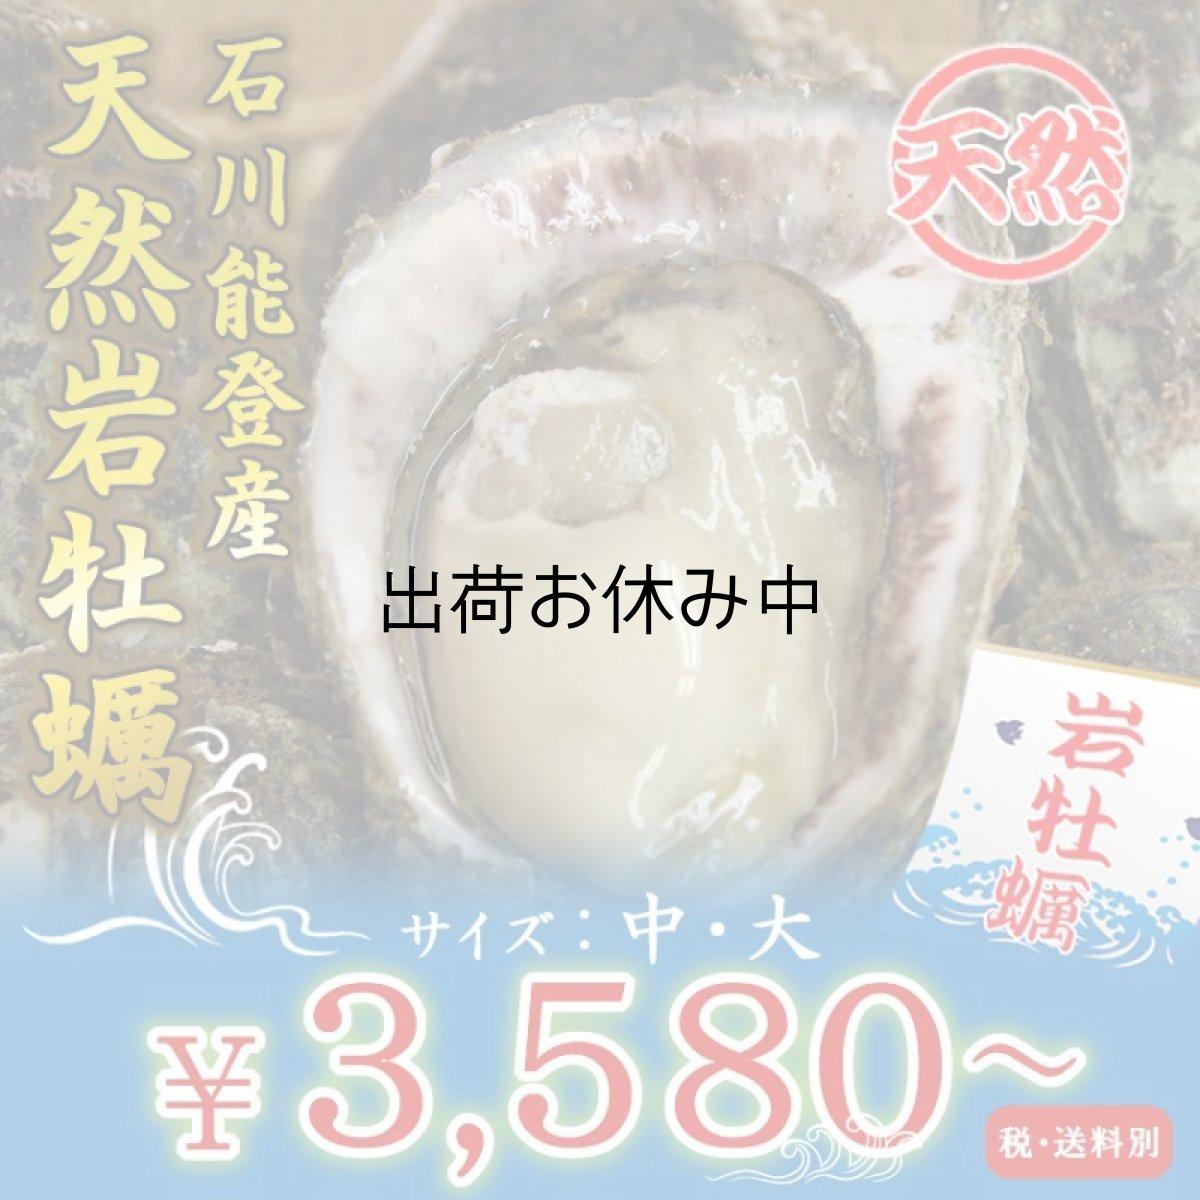 画像1: 石川能登産 天然岩牡蠣 (1)